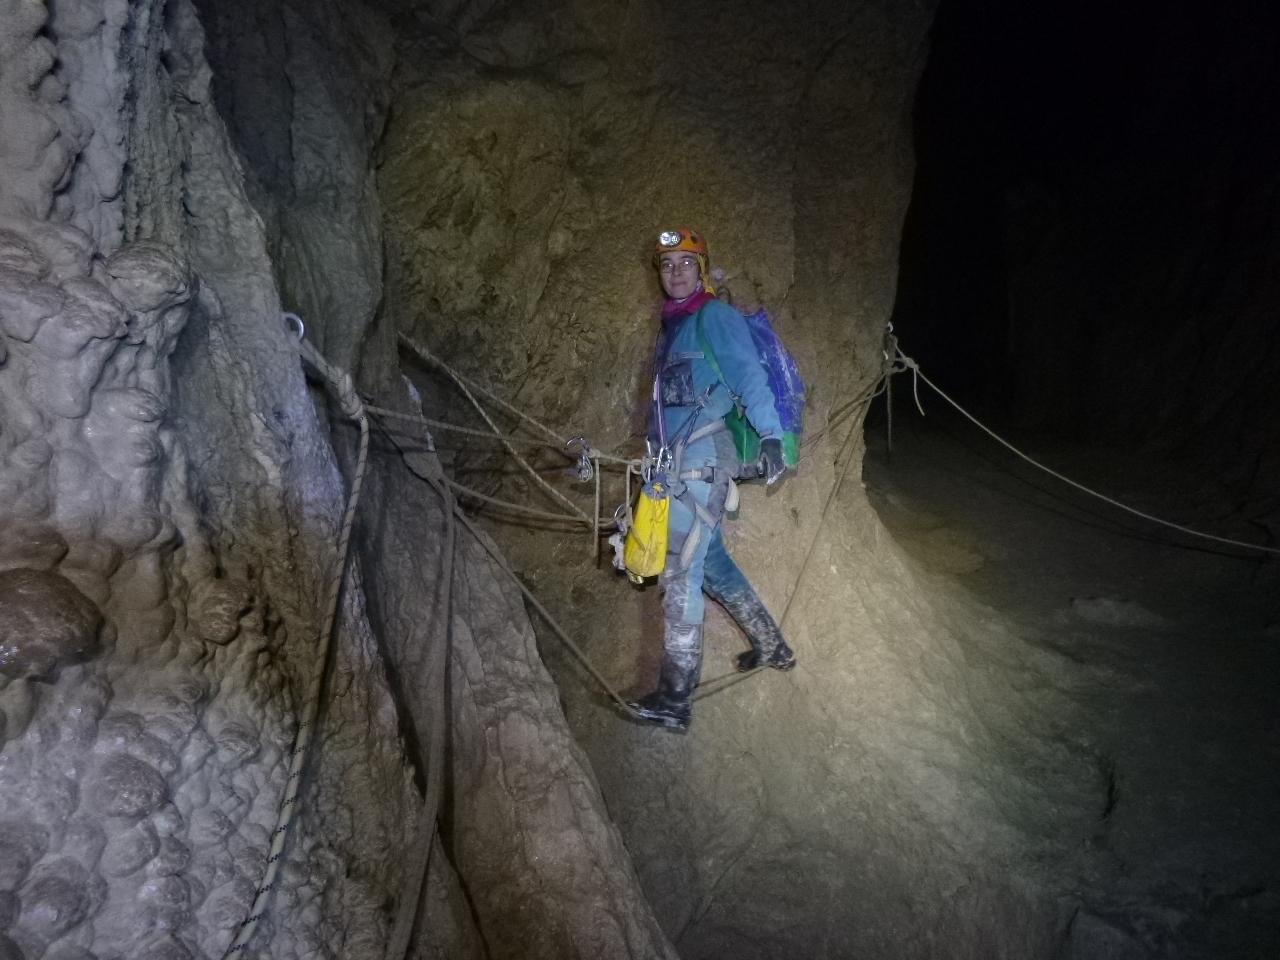 C:\Fotos 2016\2016.12.27 Cueva Fresca reinstalación\P1060379.JPG